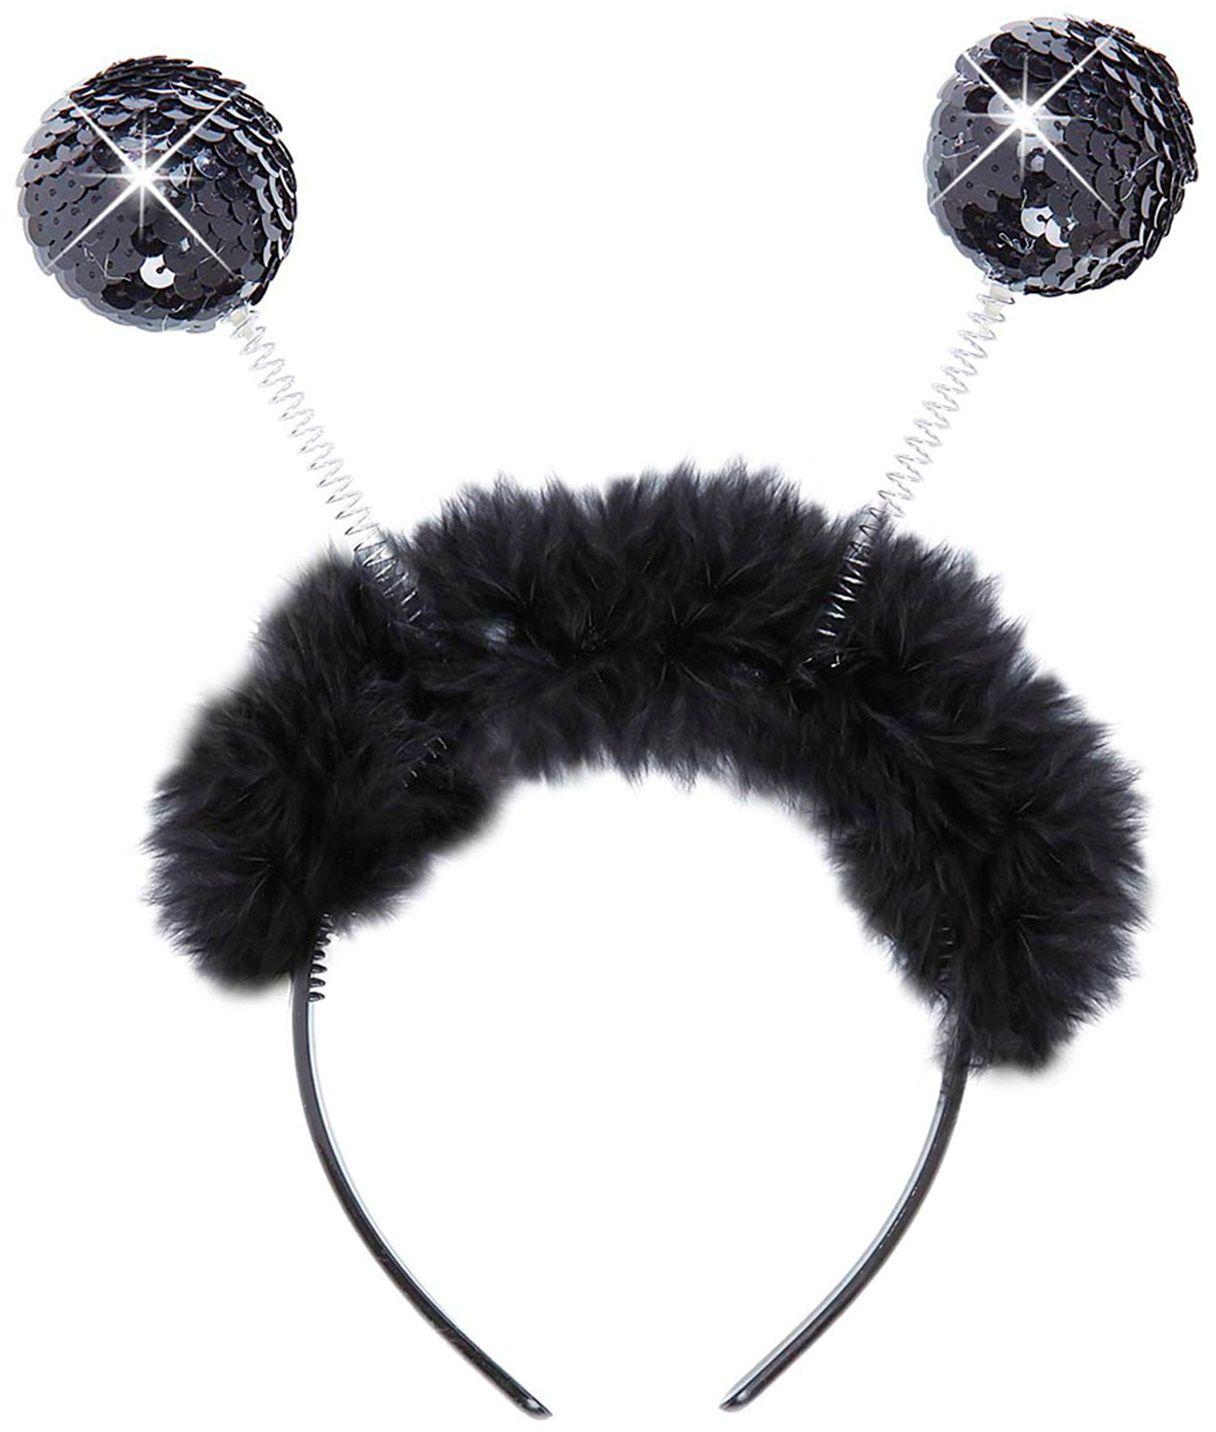 Zwarte hoofdband met pailletten antennes